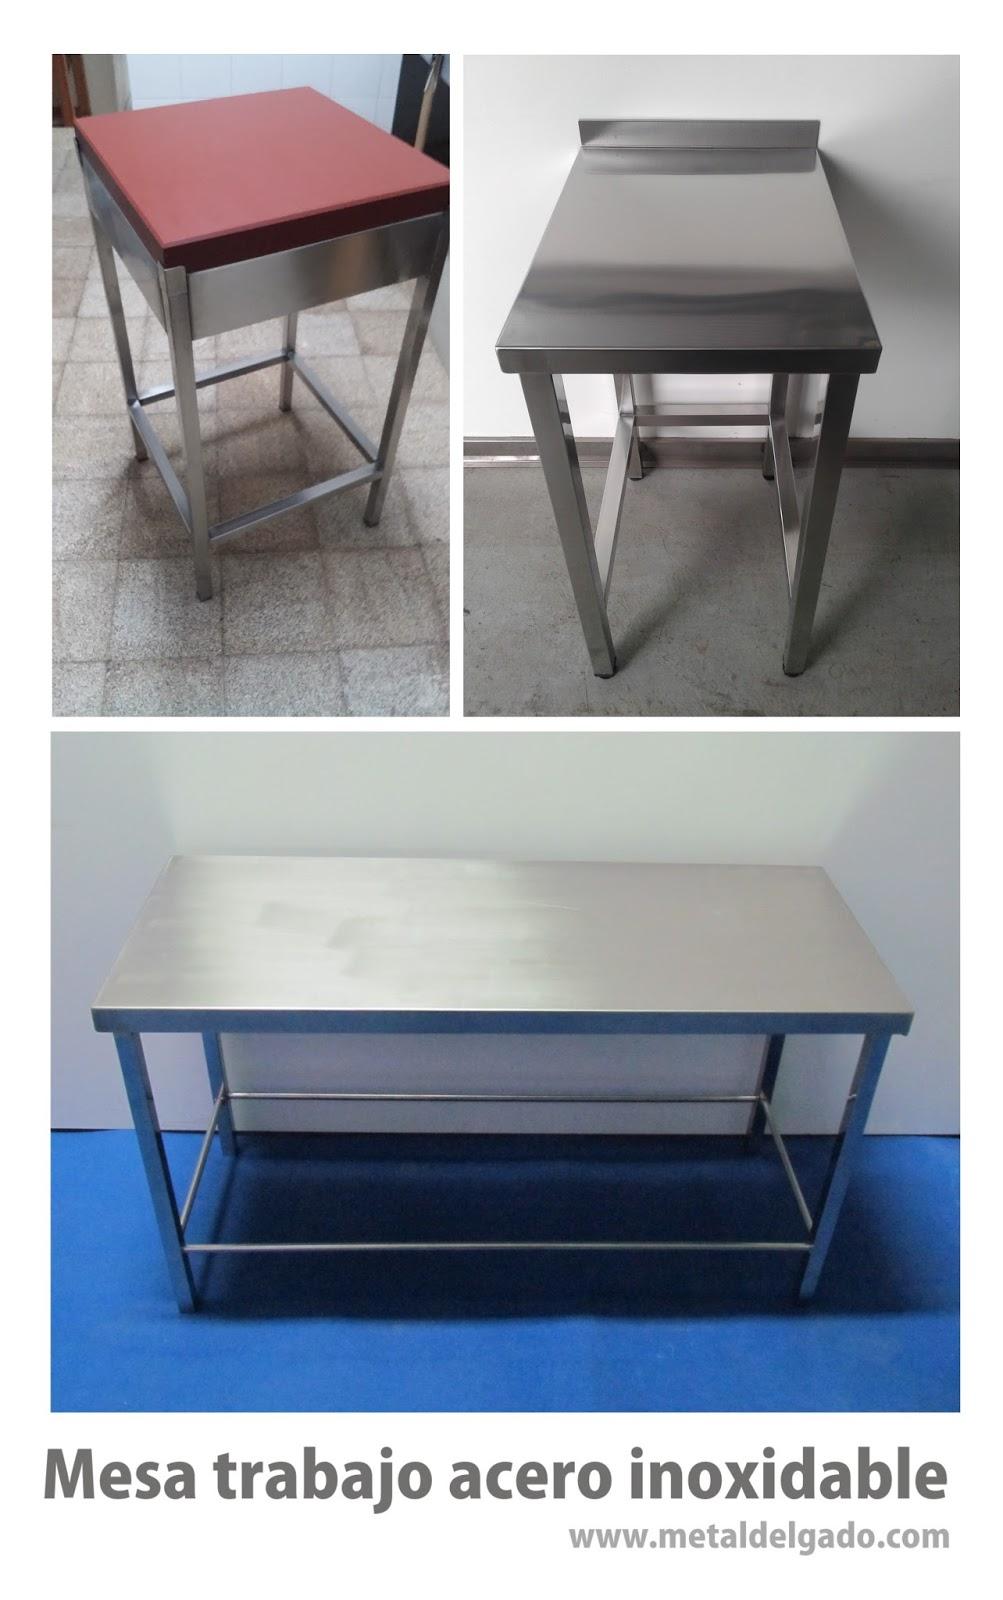 Acero inoxidable tenerife mesas de trabajo en acero for Mesa cocina tenerife